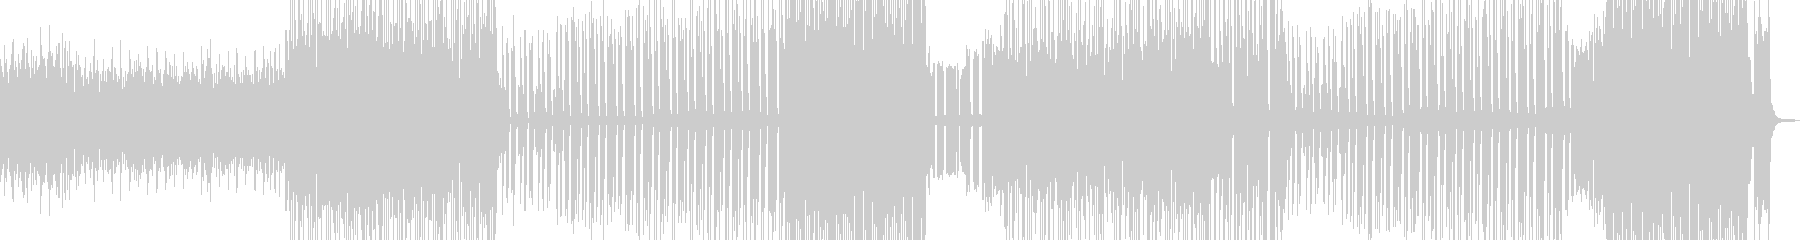 爆笑珍事件・トランペットテクノポップ Bの未再生の波形